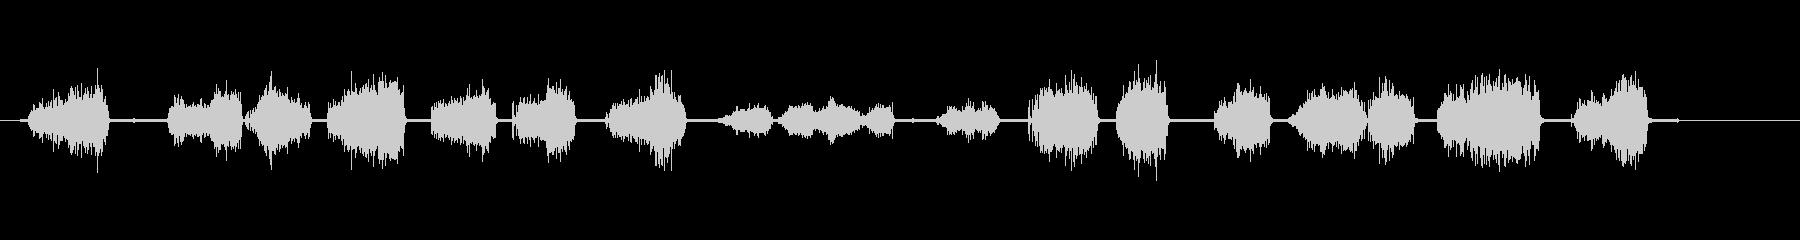 グラインダー-電気-金属上-楽器の未再生の波形